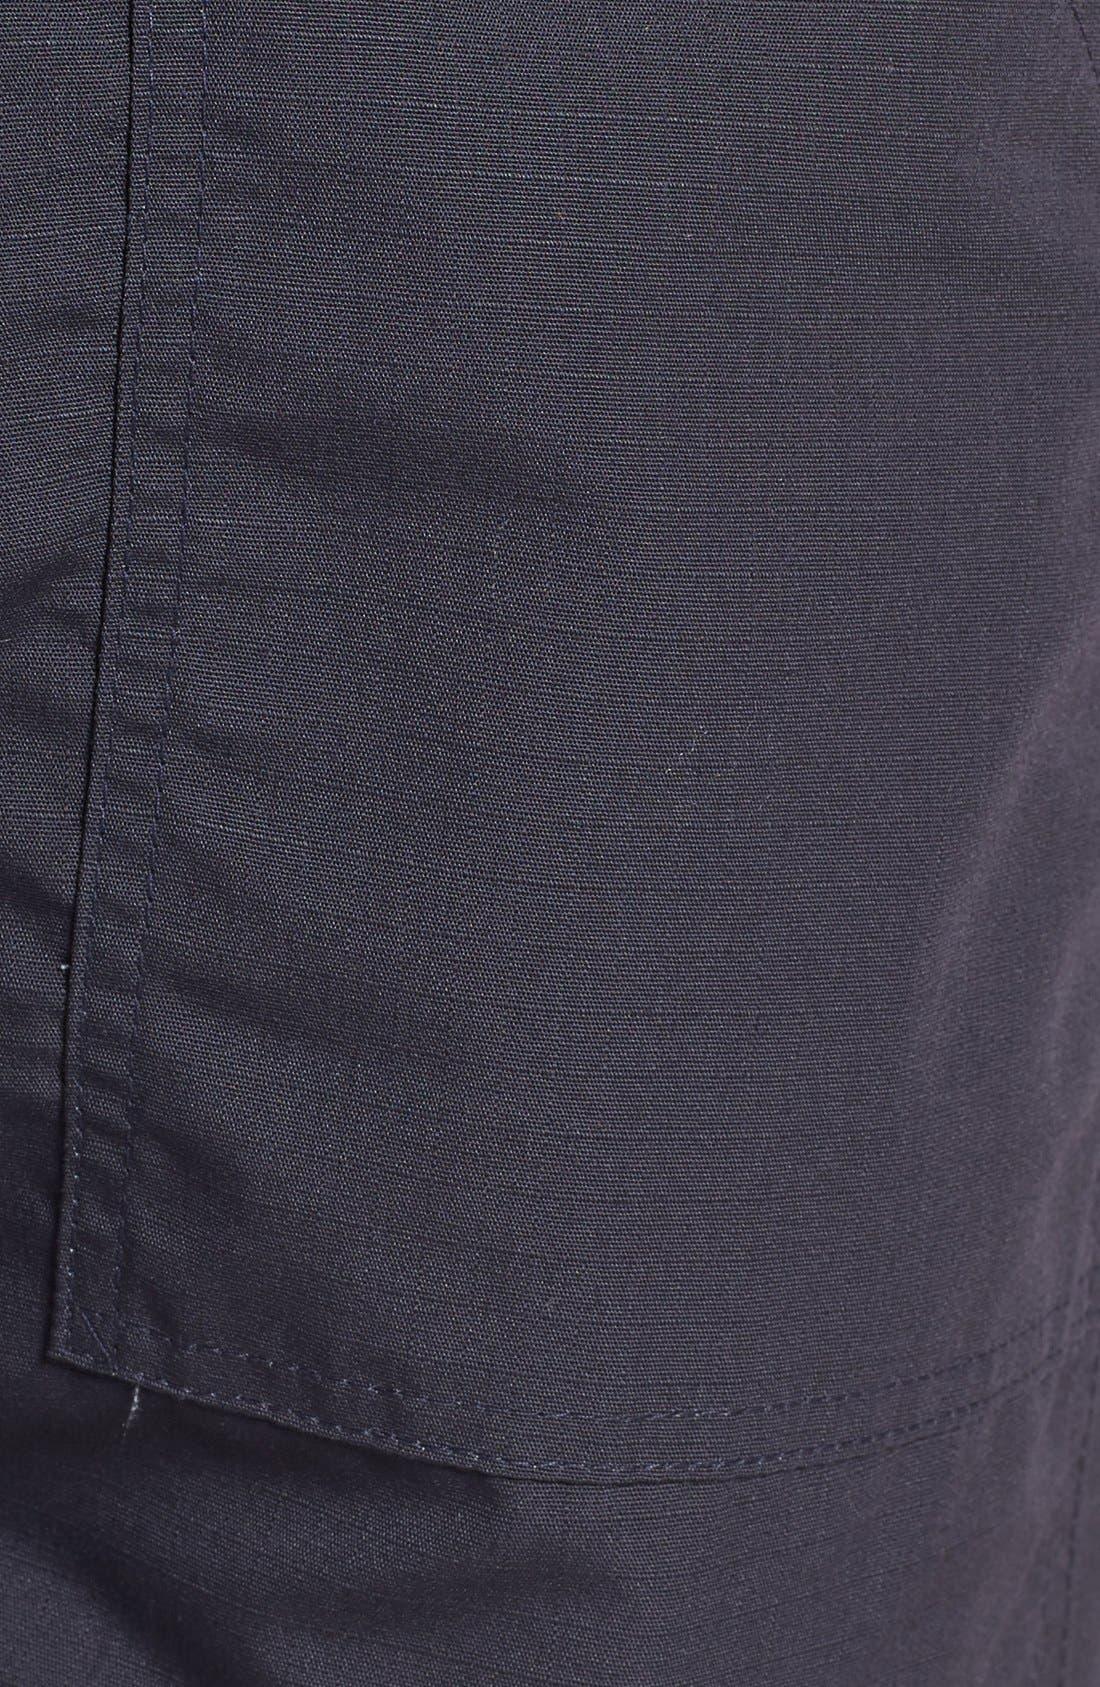 Slim Fit Four Pocket Fatigue Pants,                             Alternate thumbnail 5, color,                             410